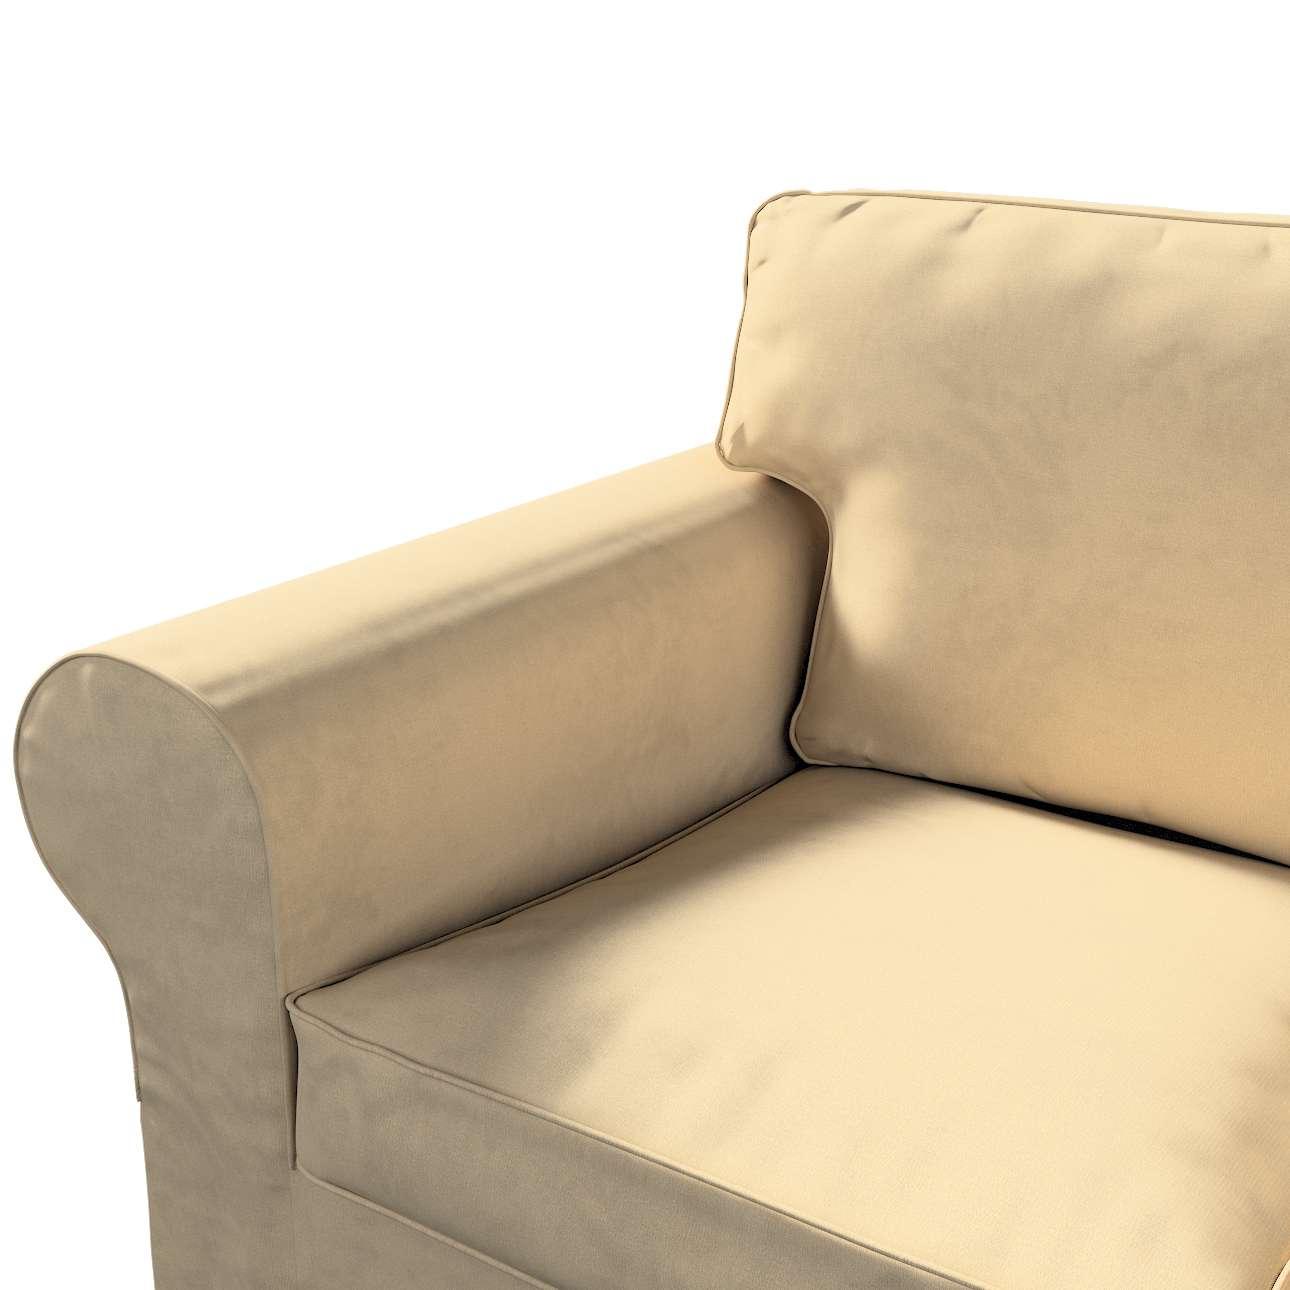 Pokrowiec na sofę Ektorp 3-osobową, rozkładaną, PIXBO w kolekcji Living II, tkanina: 160-82